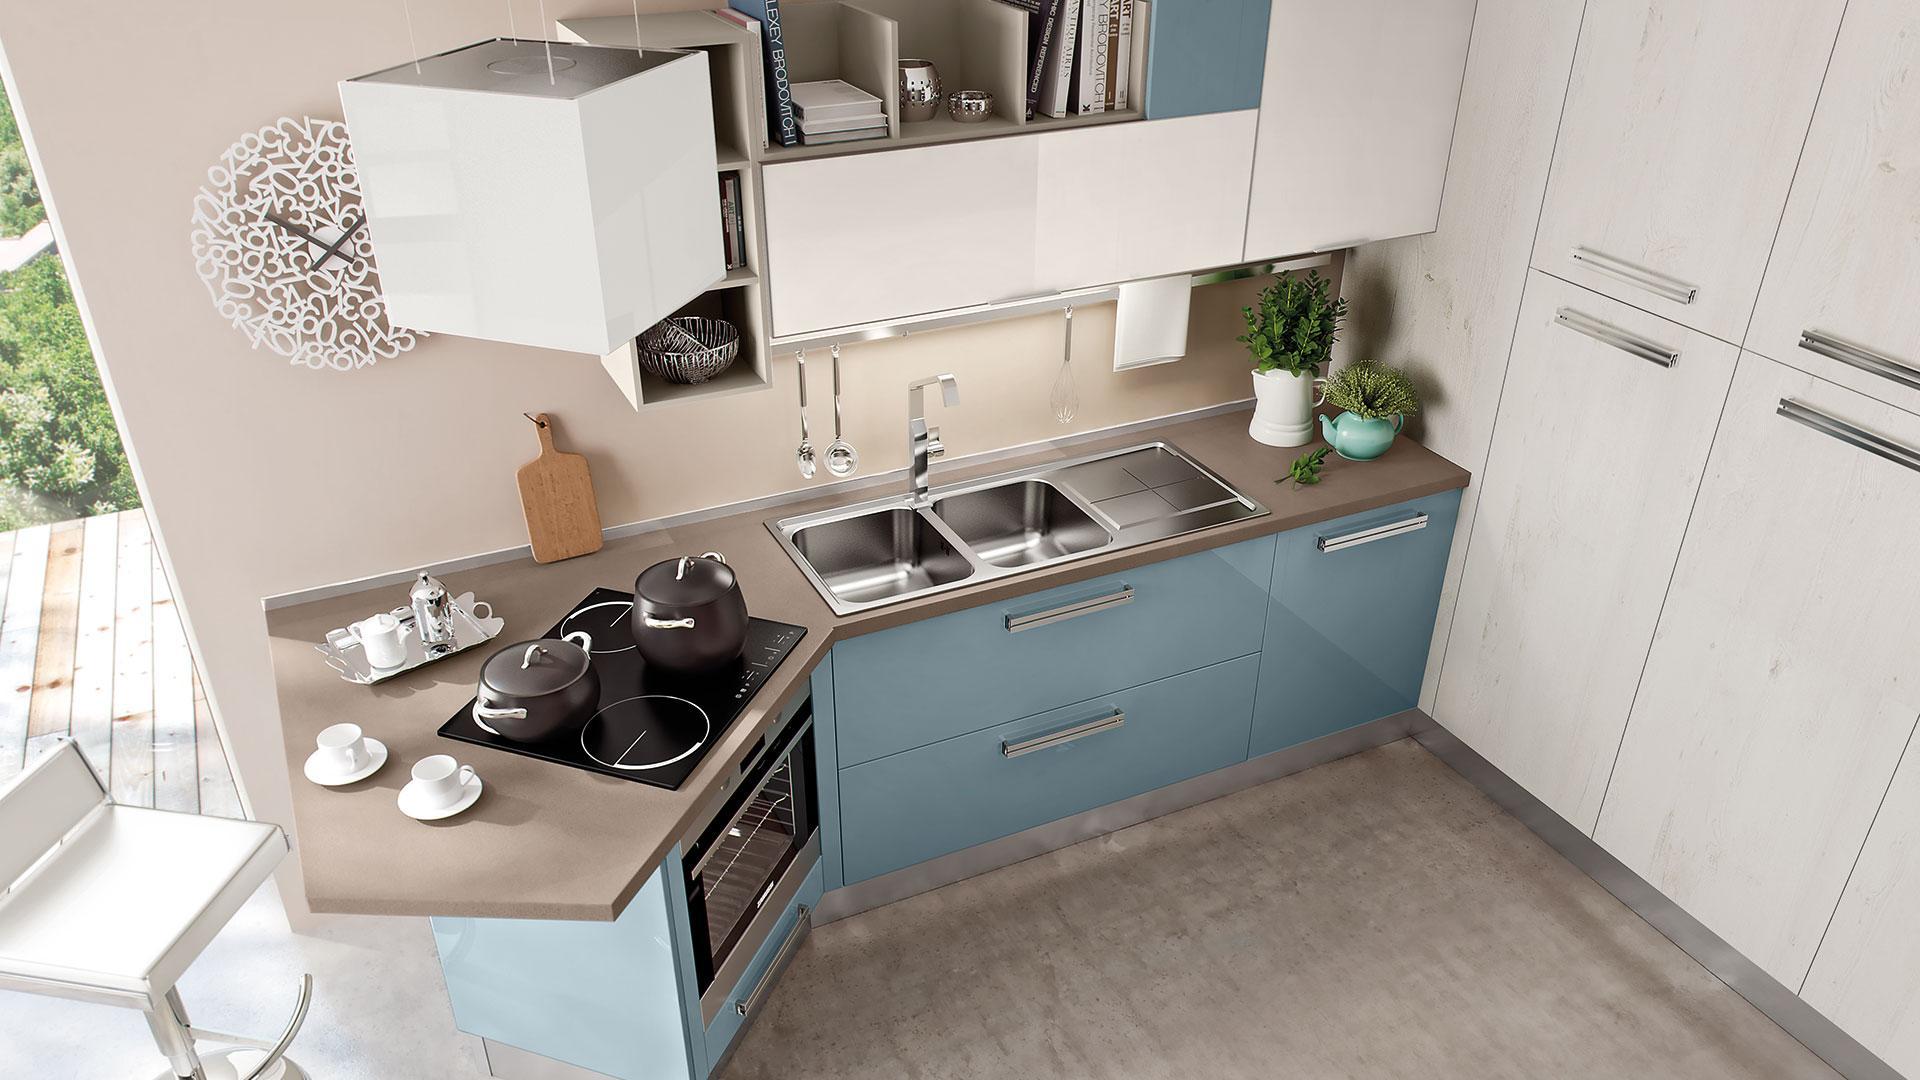 Cucine in poco spazio - Cucine Lube